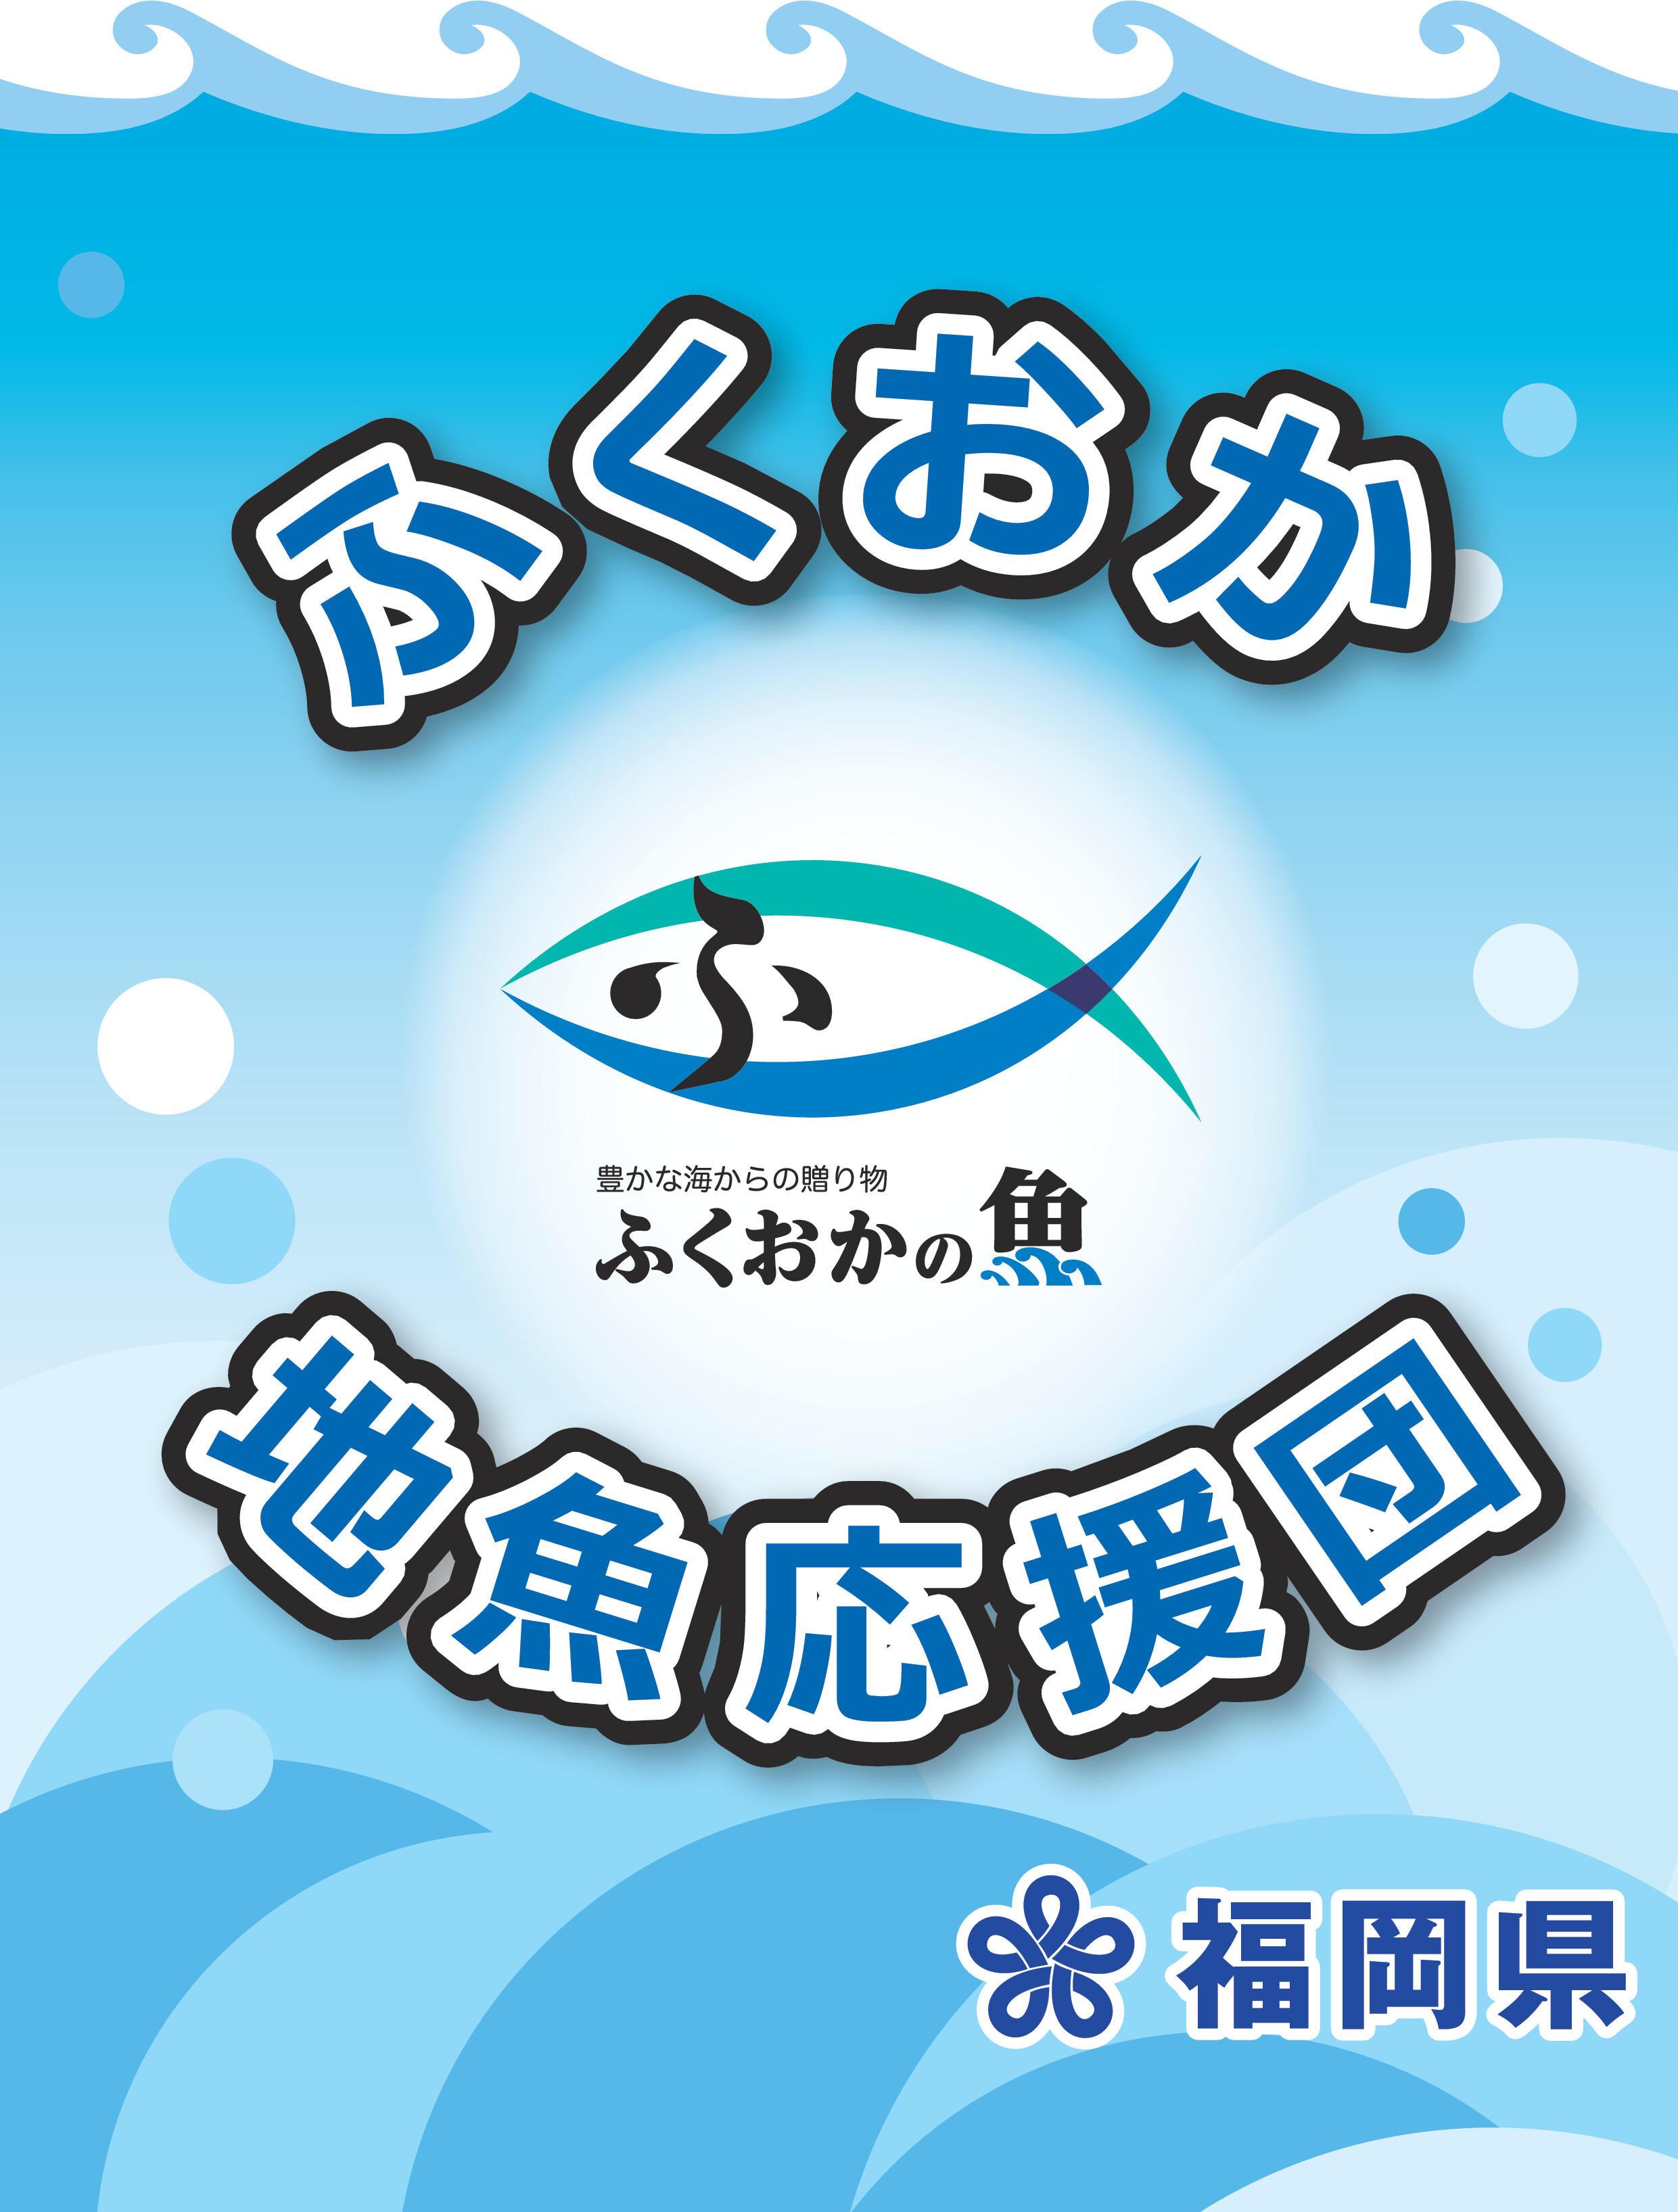 ふくおかの地魚応援の店PR画像